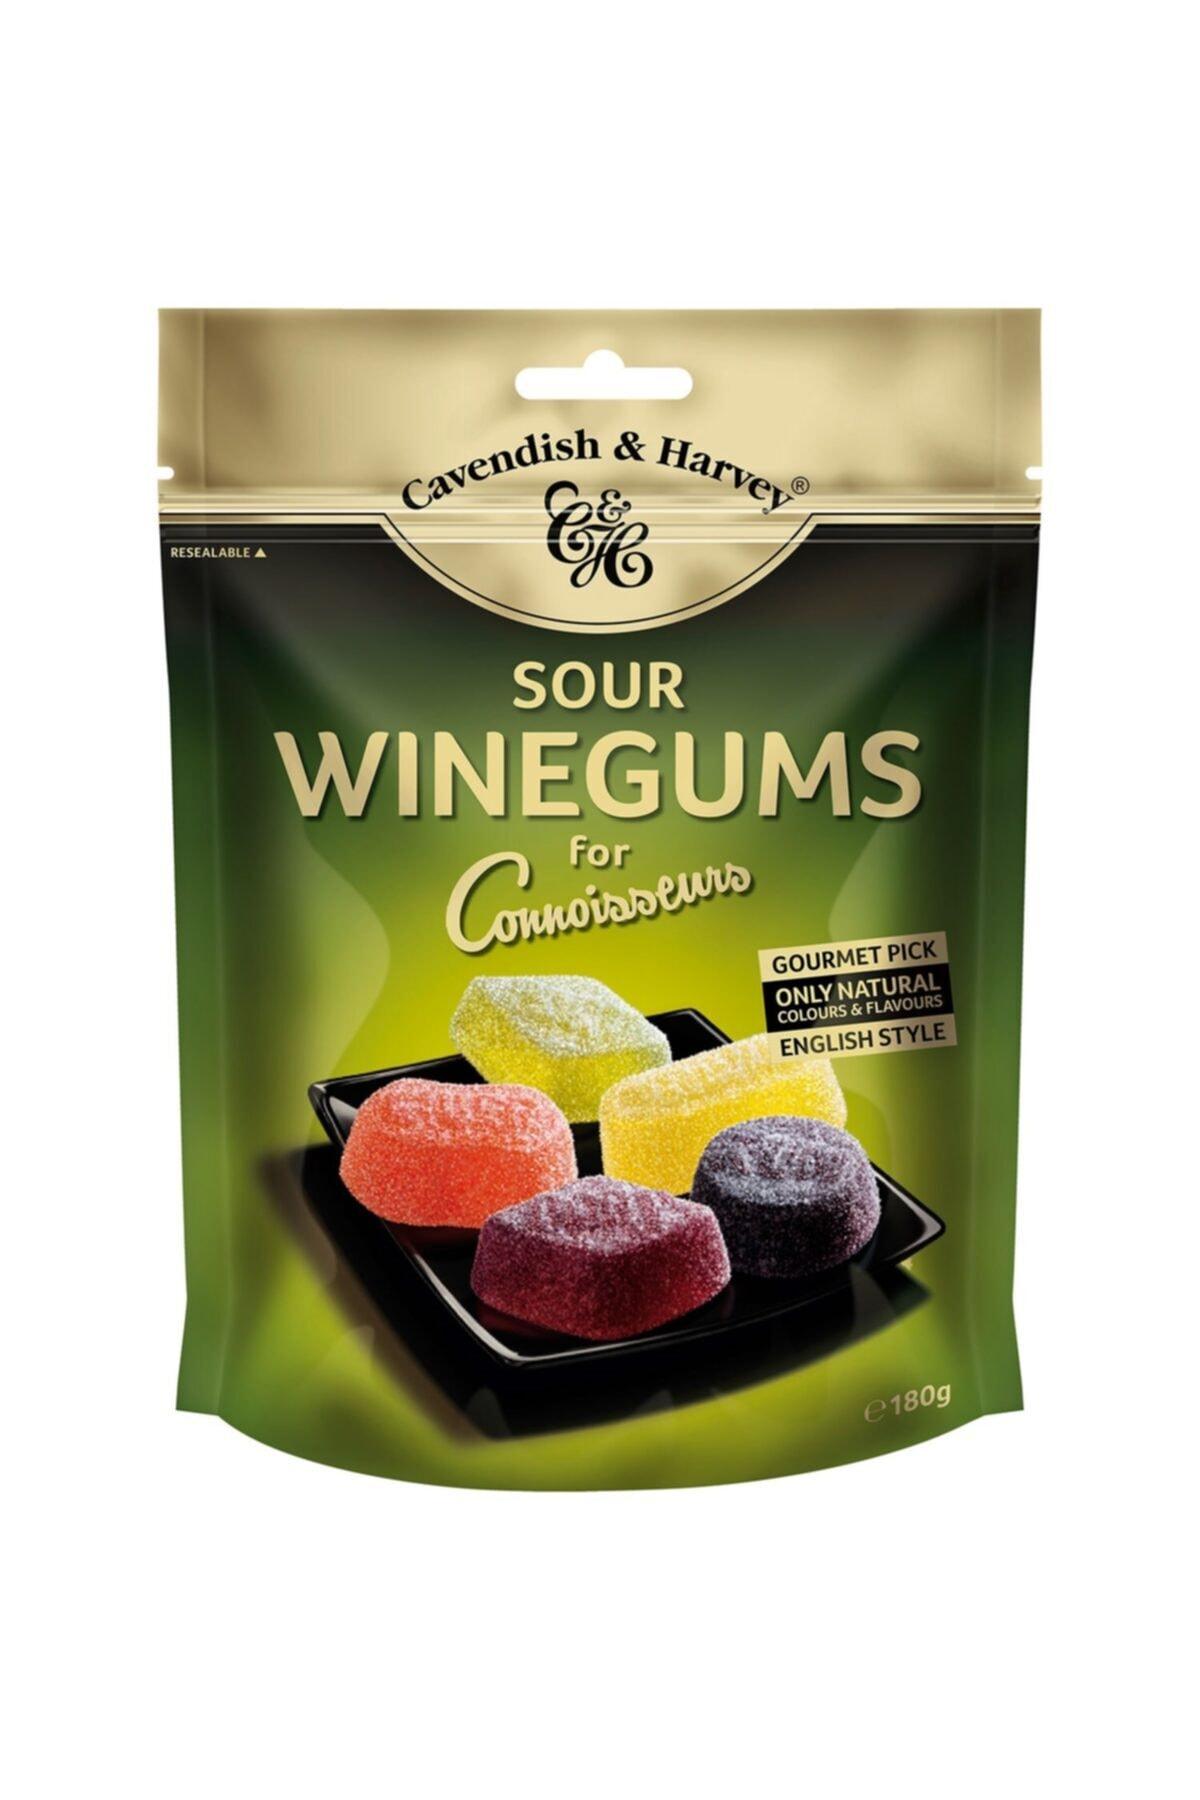 Cavendish & Harvey Winegums For Connoisseurs Sour 180g 1